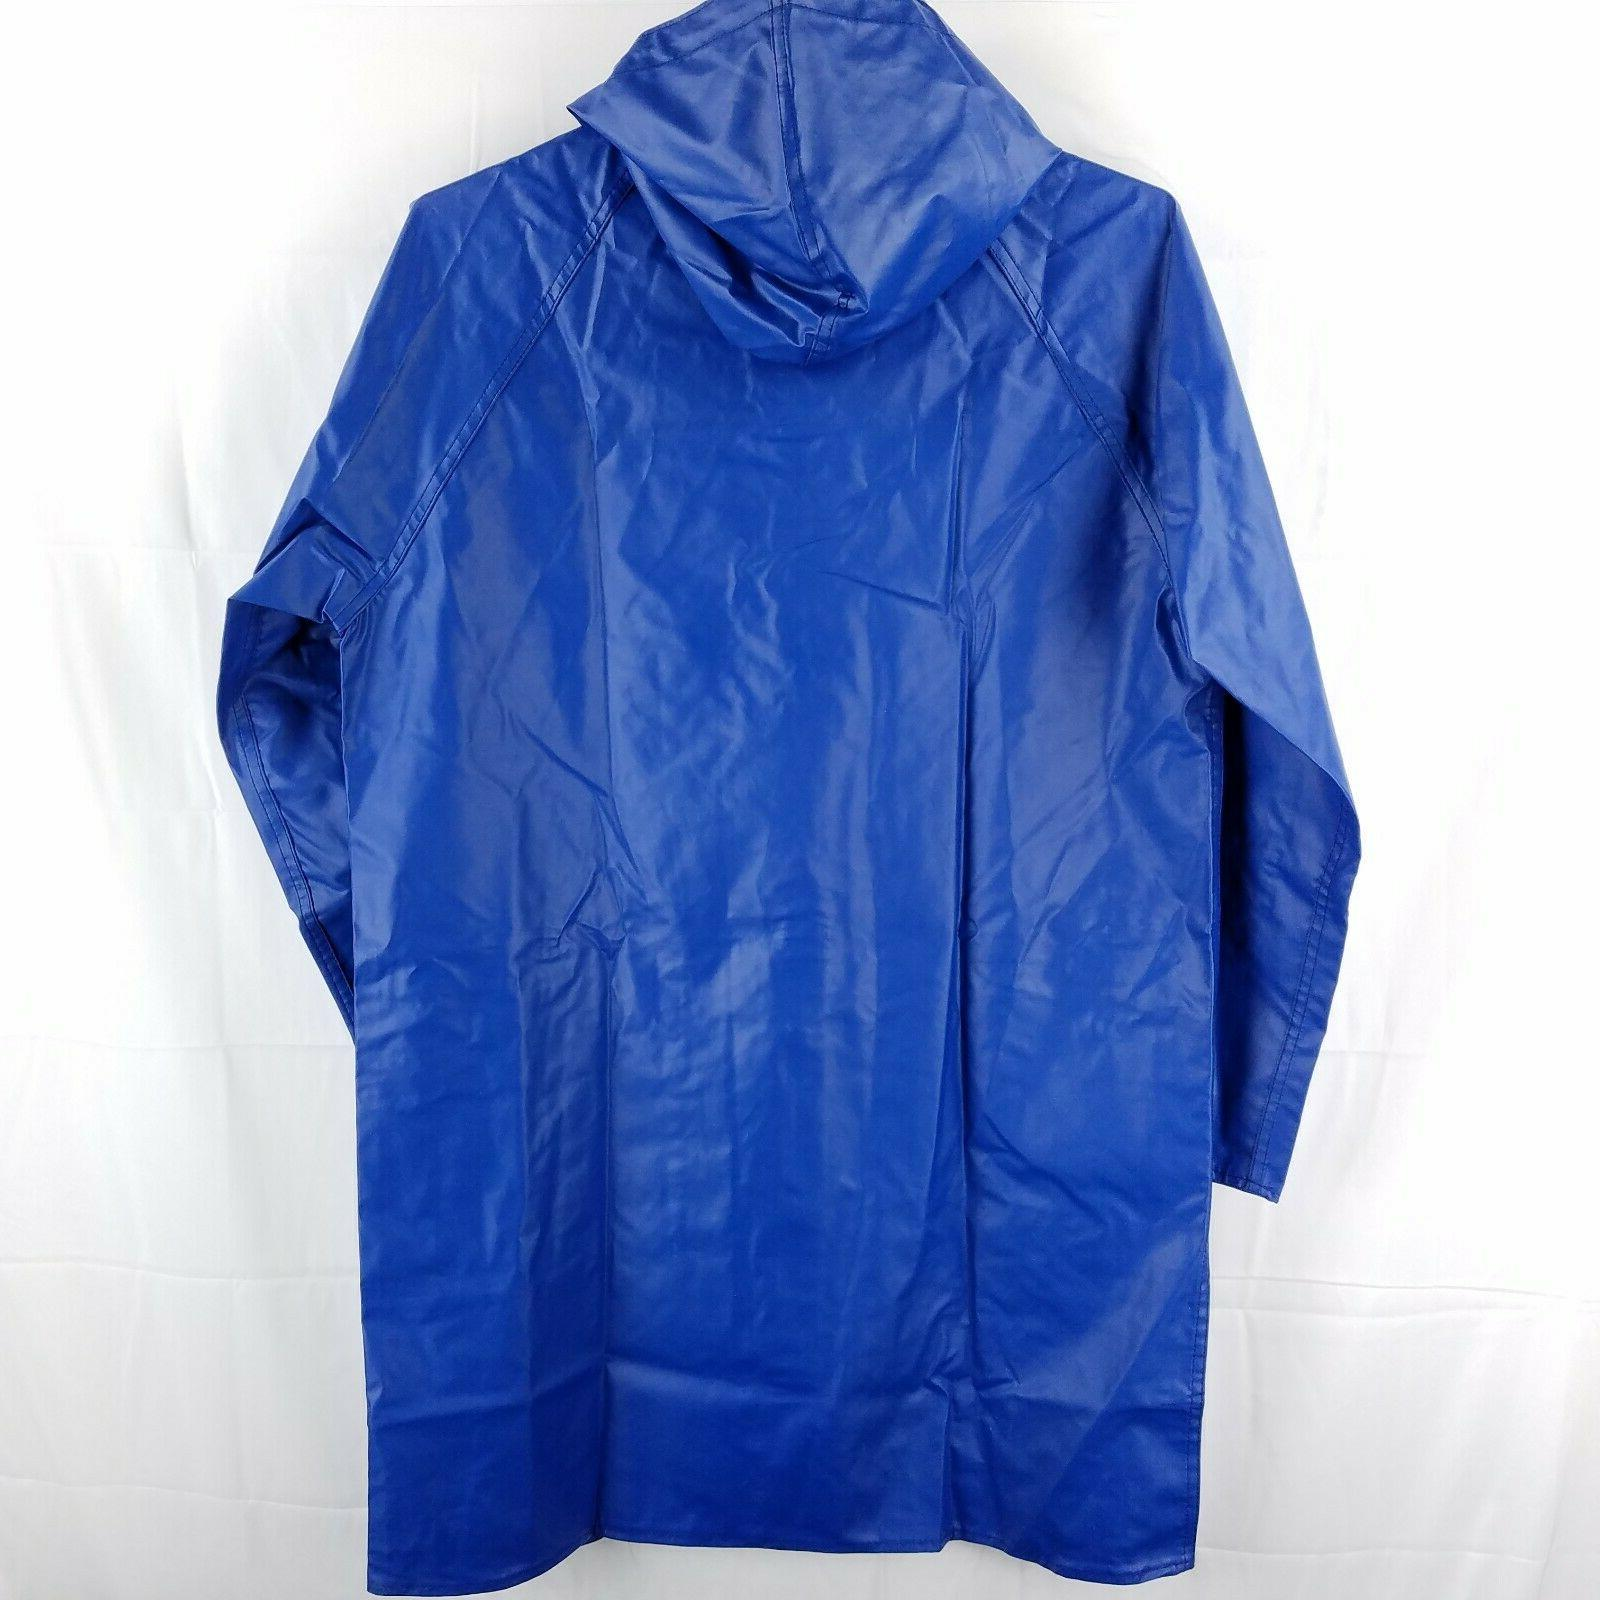 NWT Charles Blue Waterproof Coat Knee Length Large